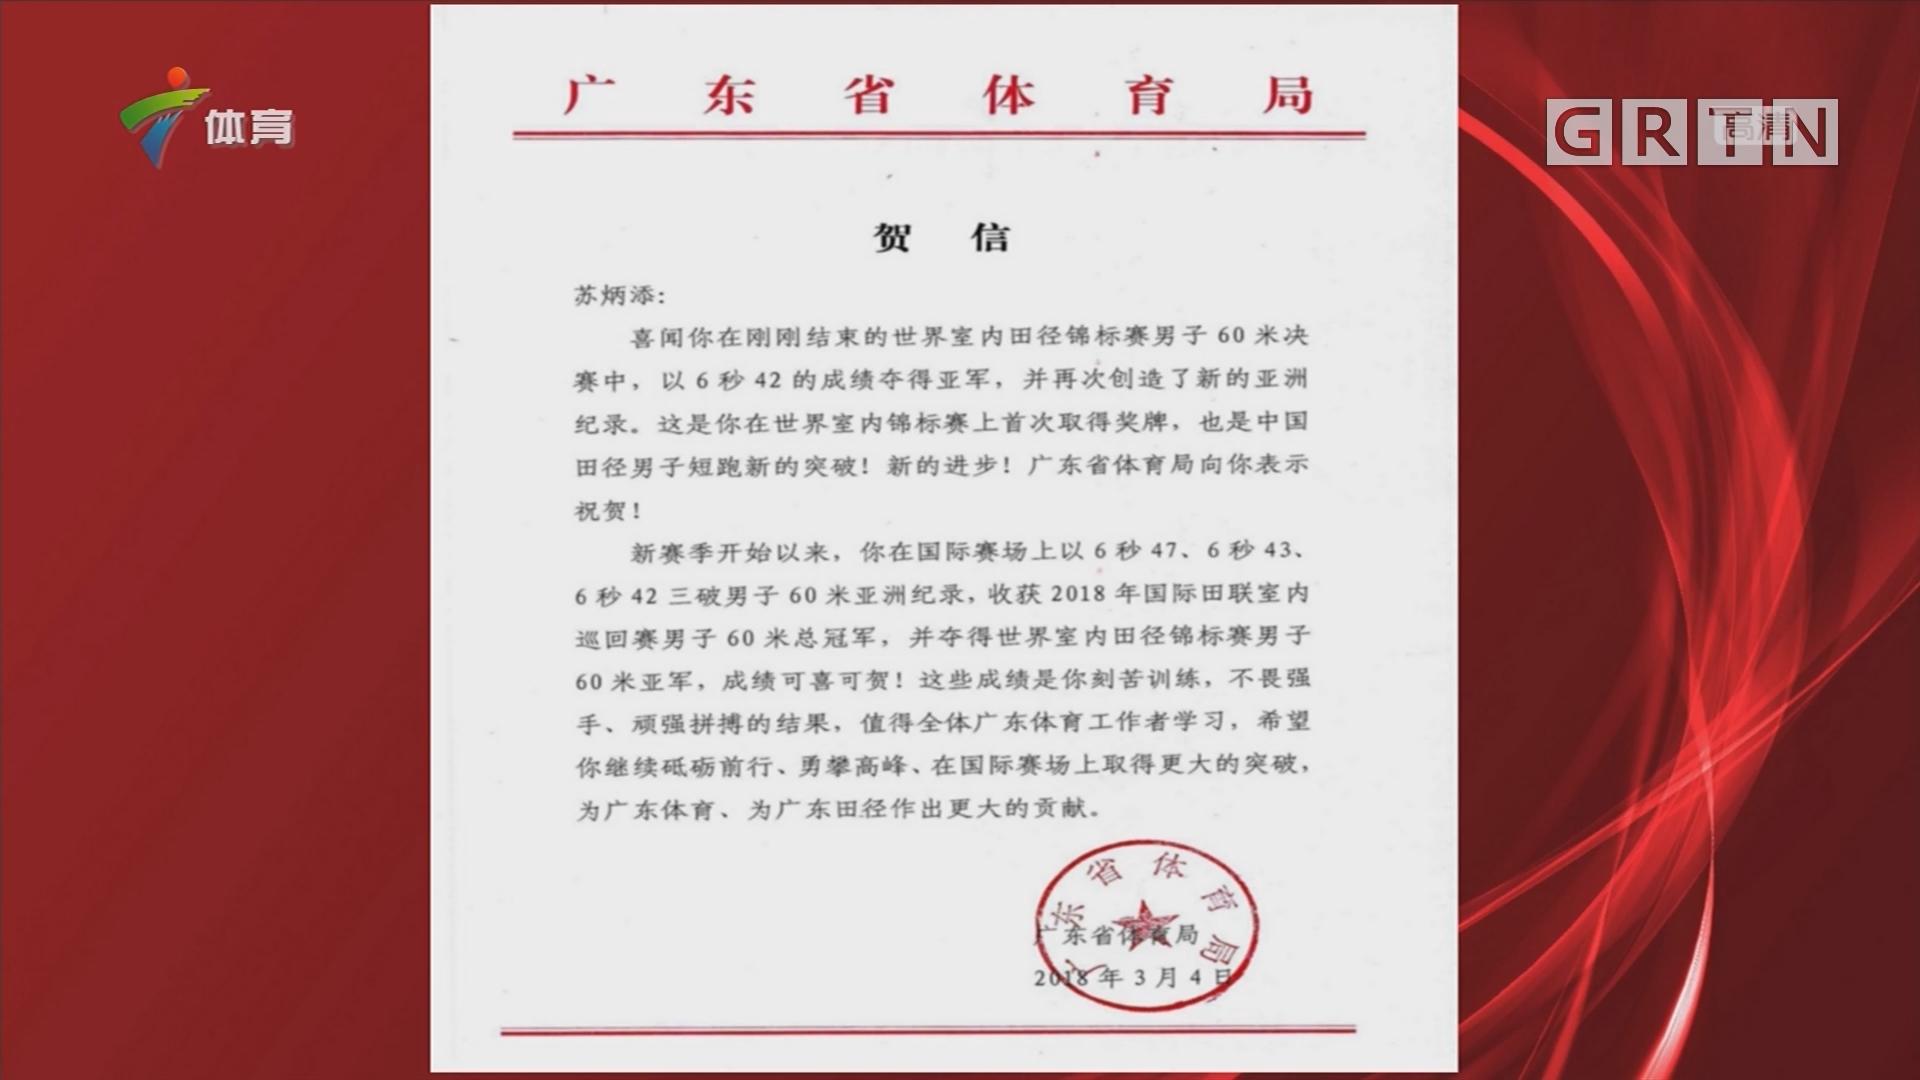 广东省体育局贺信